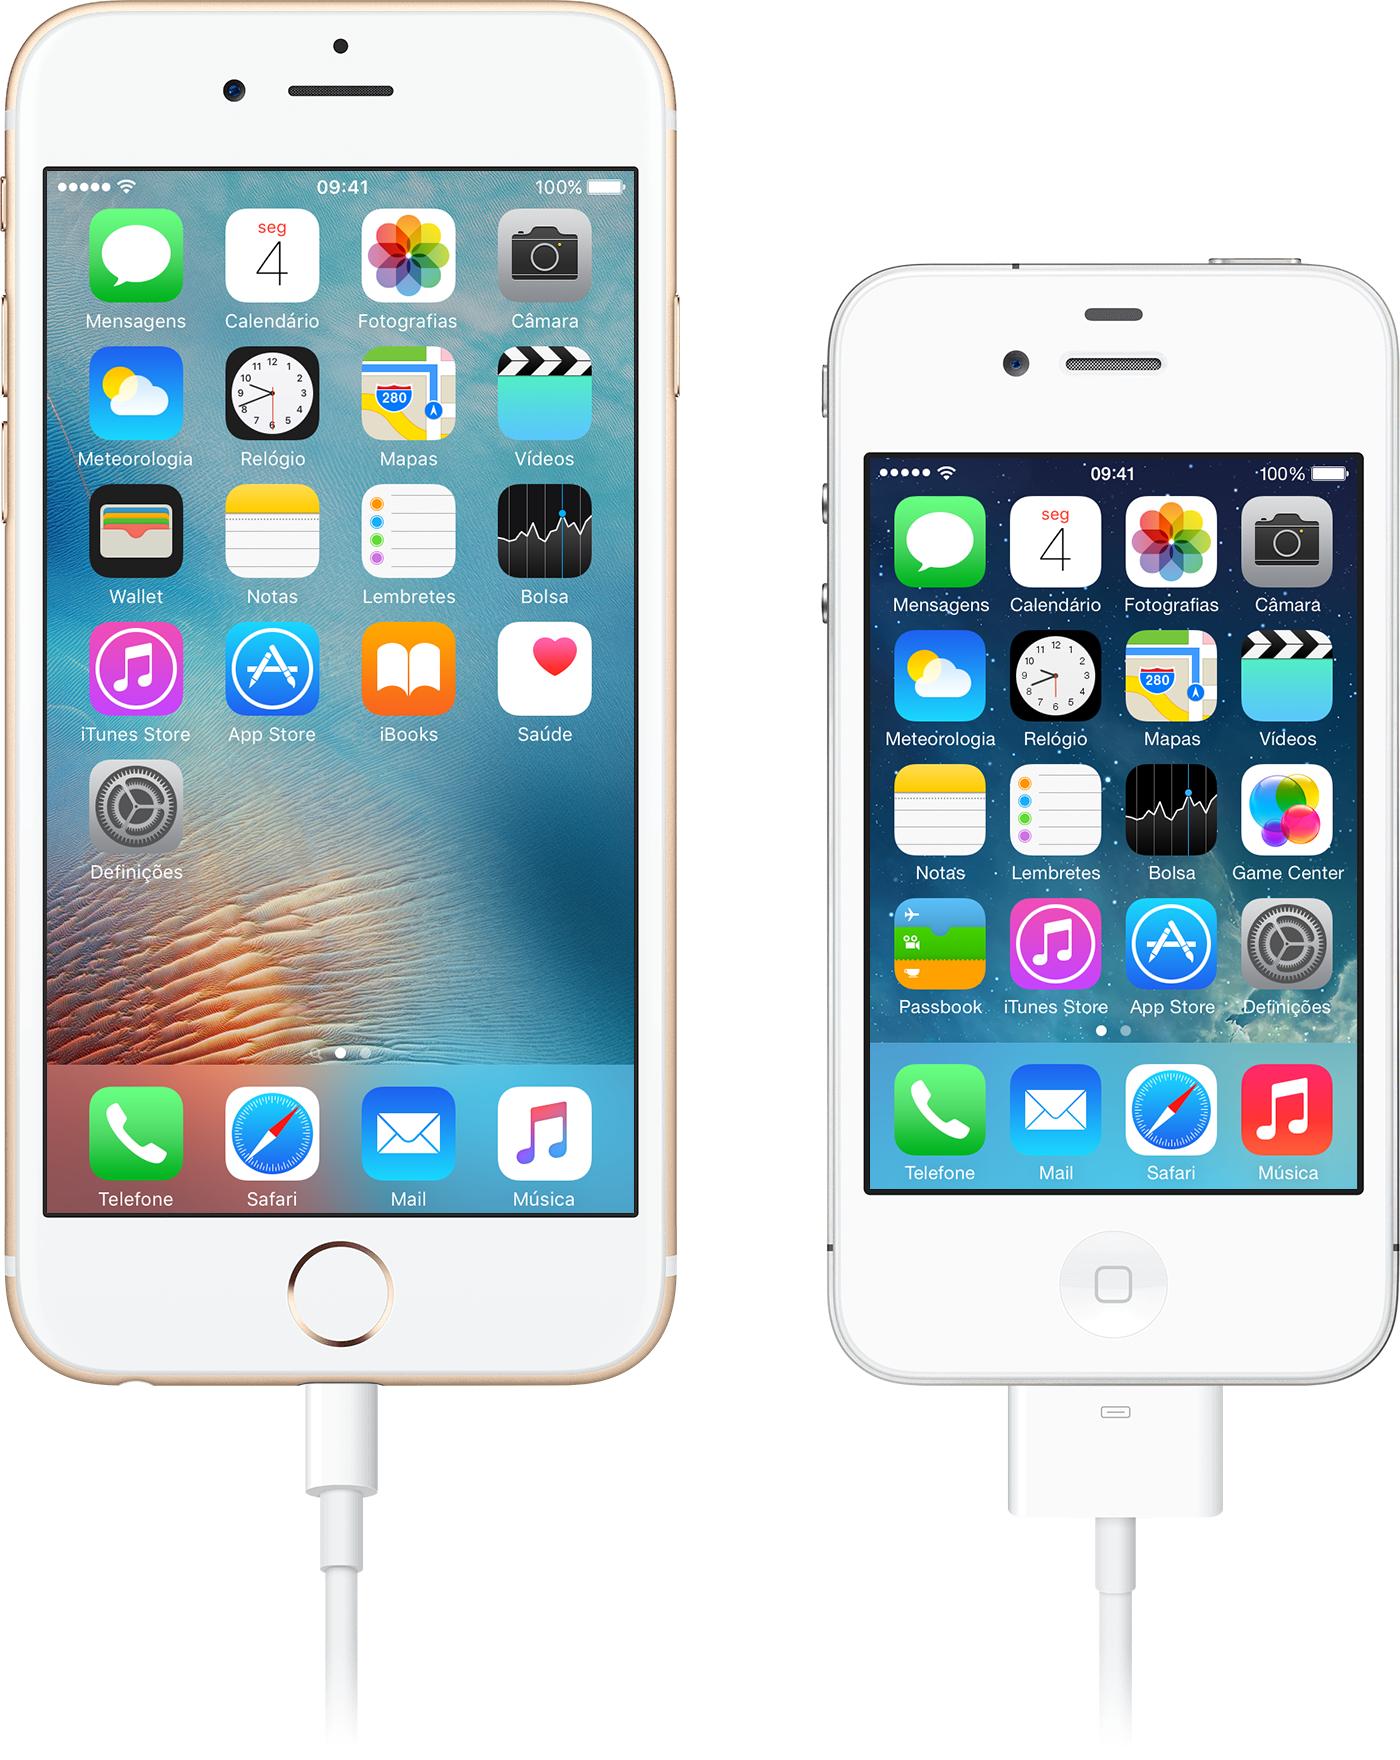 94455d933cc Ligue o adaptador AV digital ou VGA à porta de carregamento na parte  inferior do dispositivo iOS. Ligue um cabo HDMI ...